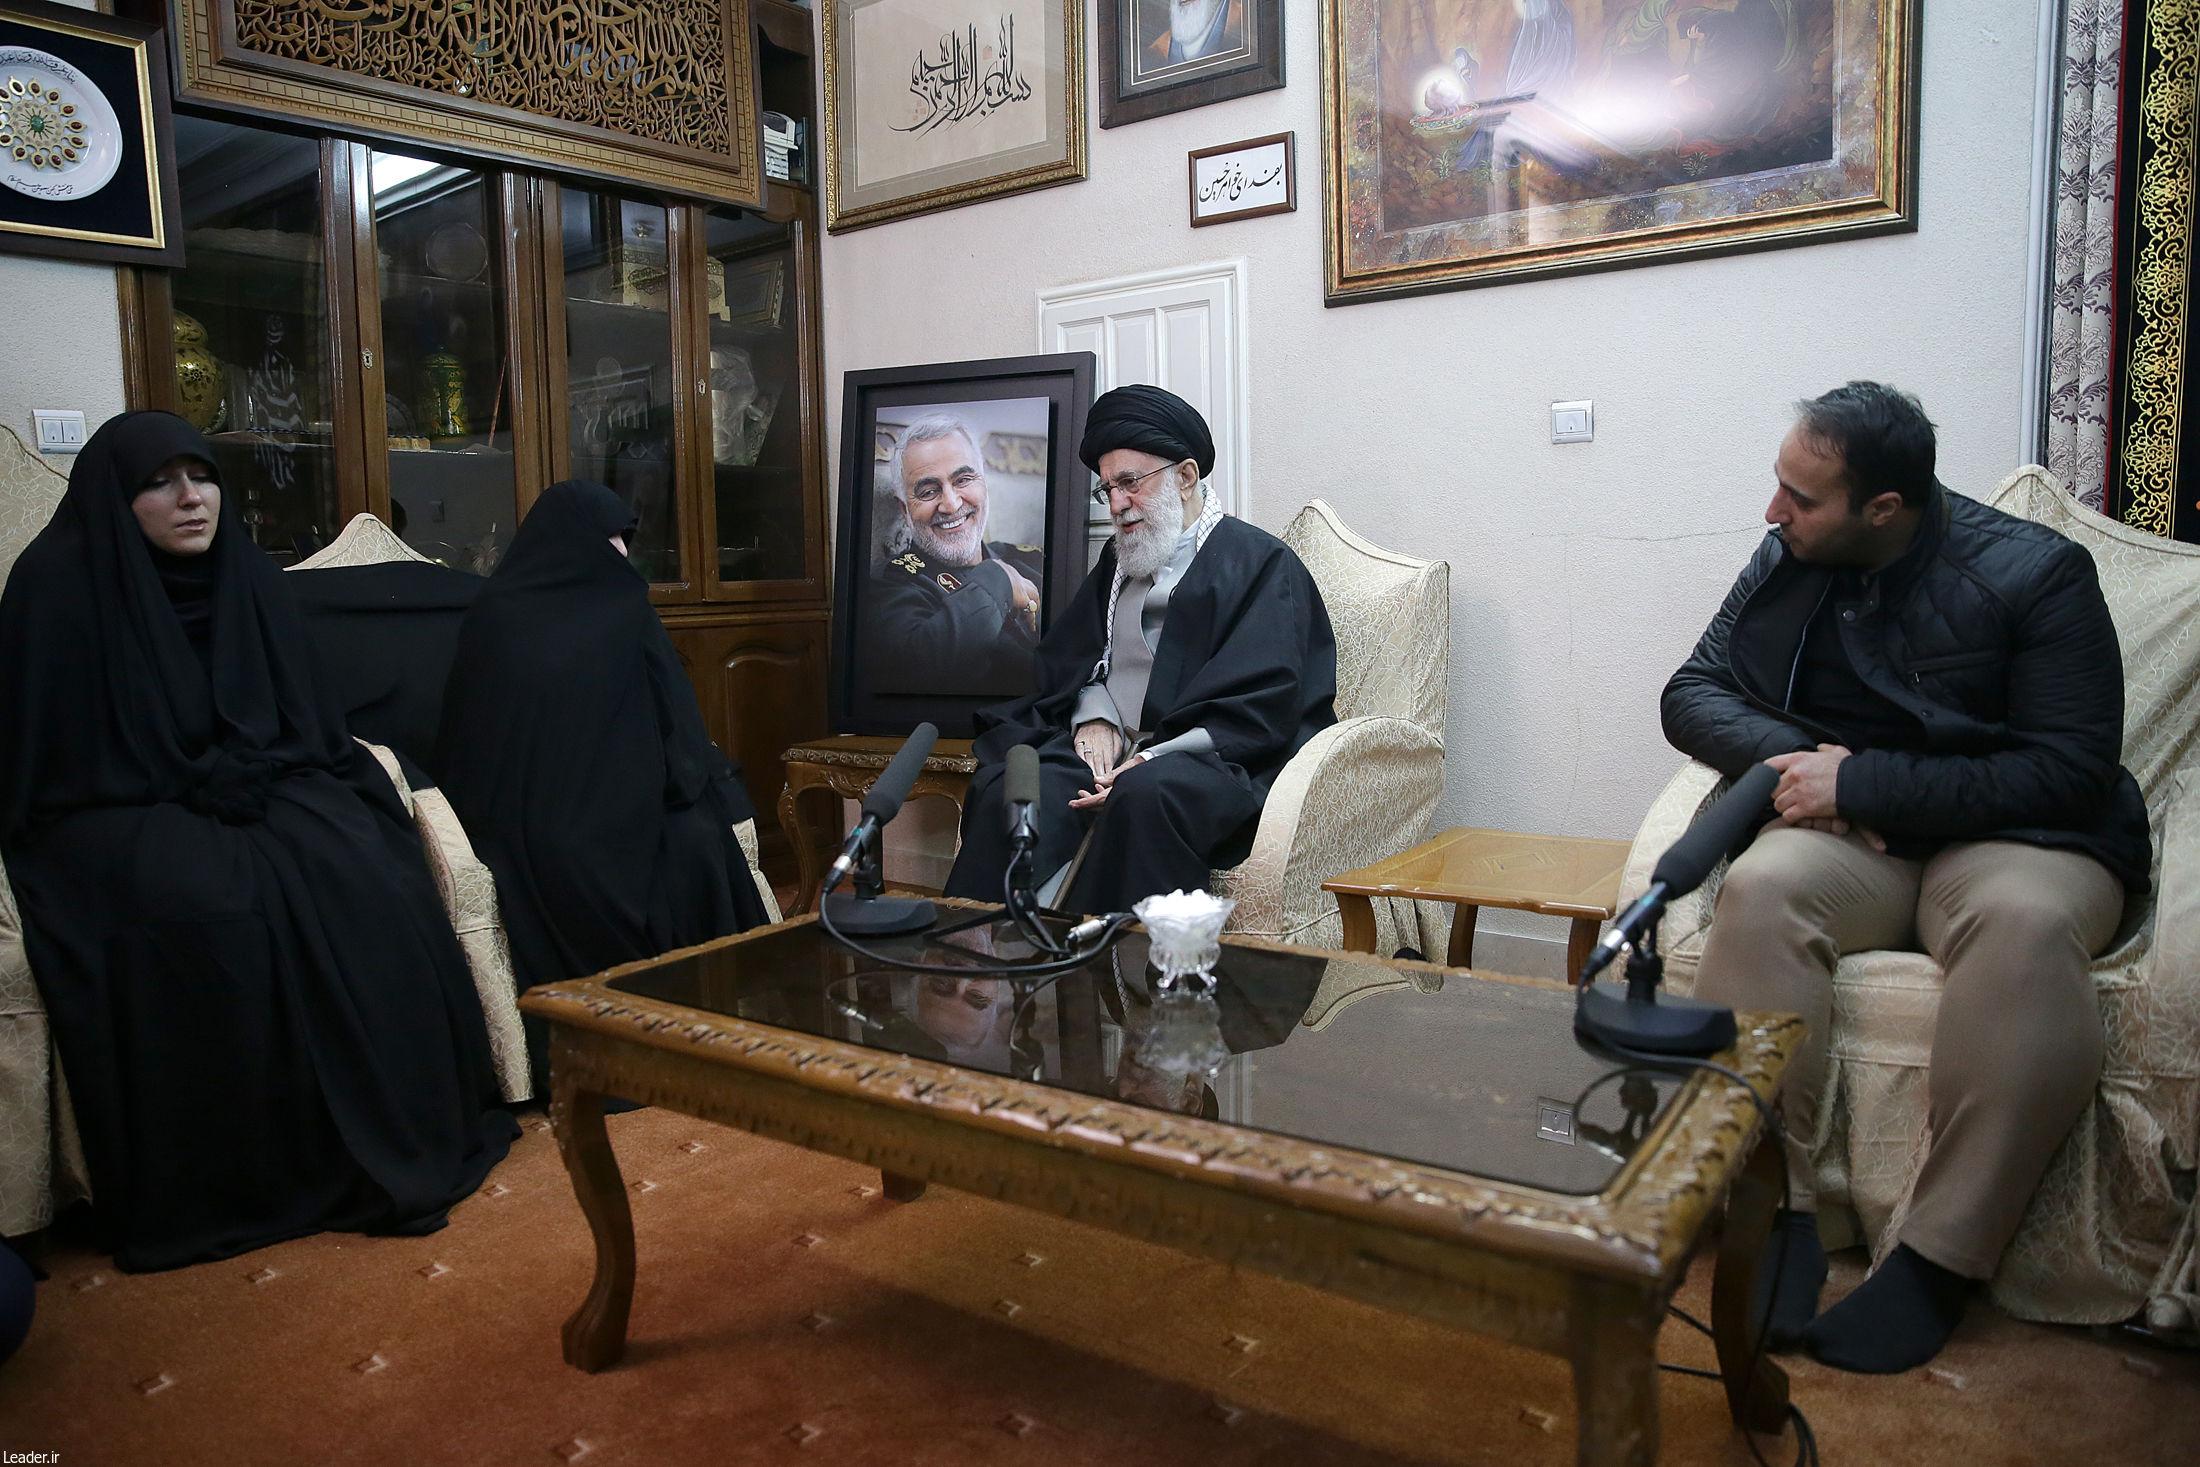 حضور رهبر معظم انقلاب اسلامی در منزل سردار شهید سپهبد حاج قاسم سلیمانی